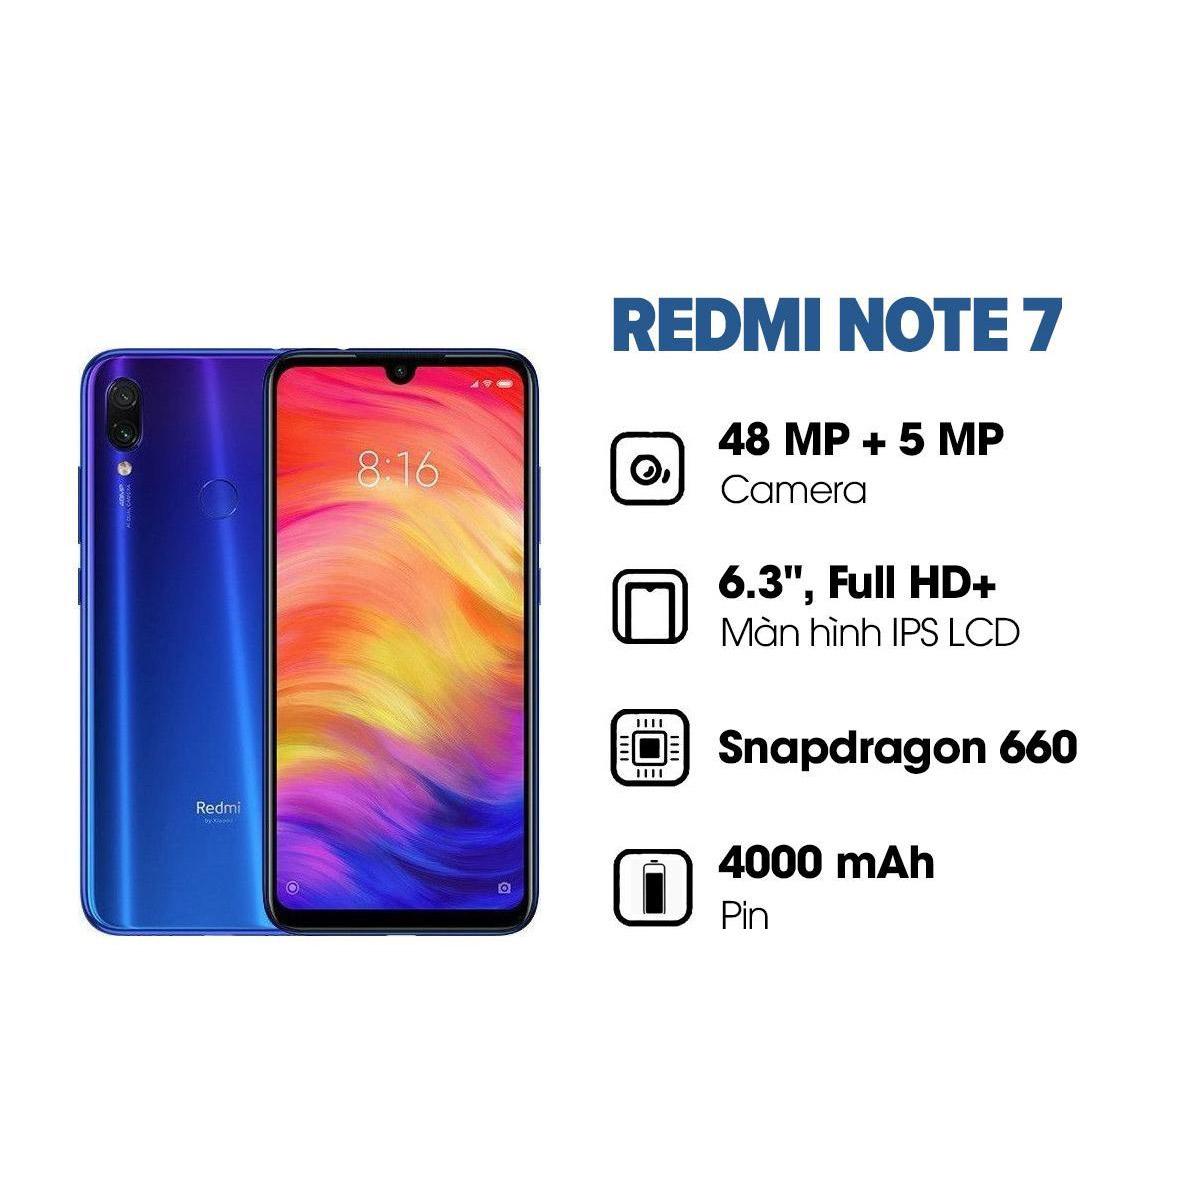 Bảo hành chính hãng 18 tháng | Điện thoại Xiaomi Redmi Note 7 (3GB/32GB) Chip Qualcomm Snapdragon 660 8 nhân Camera 48 MP - Hàng chính hãng